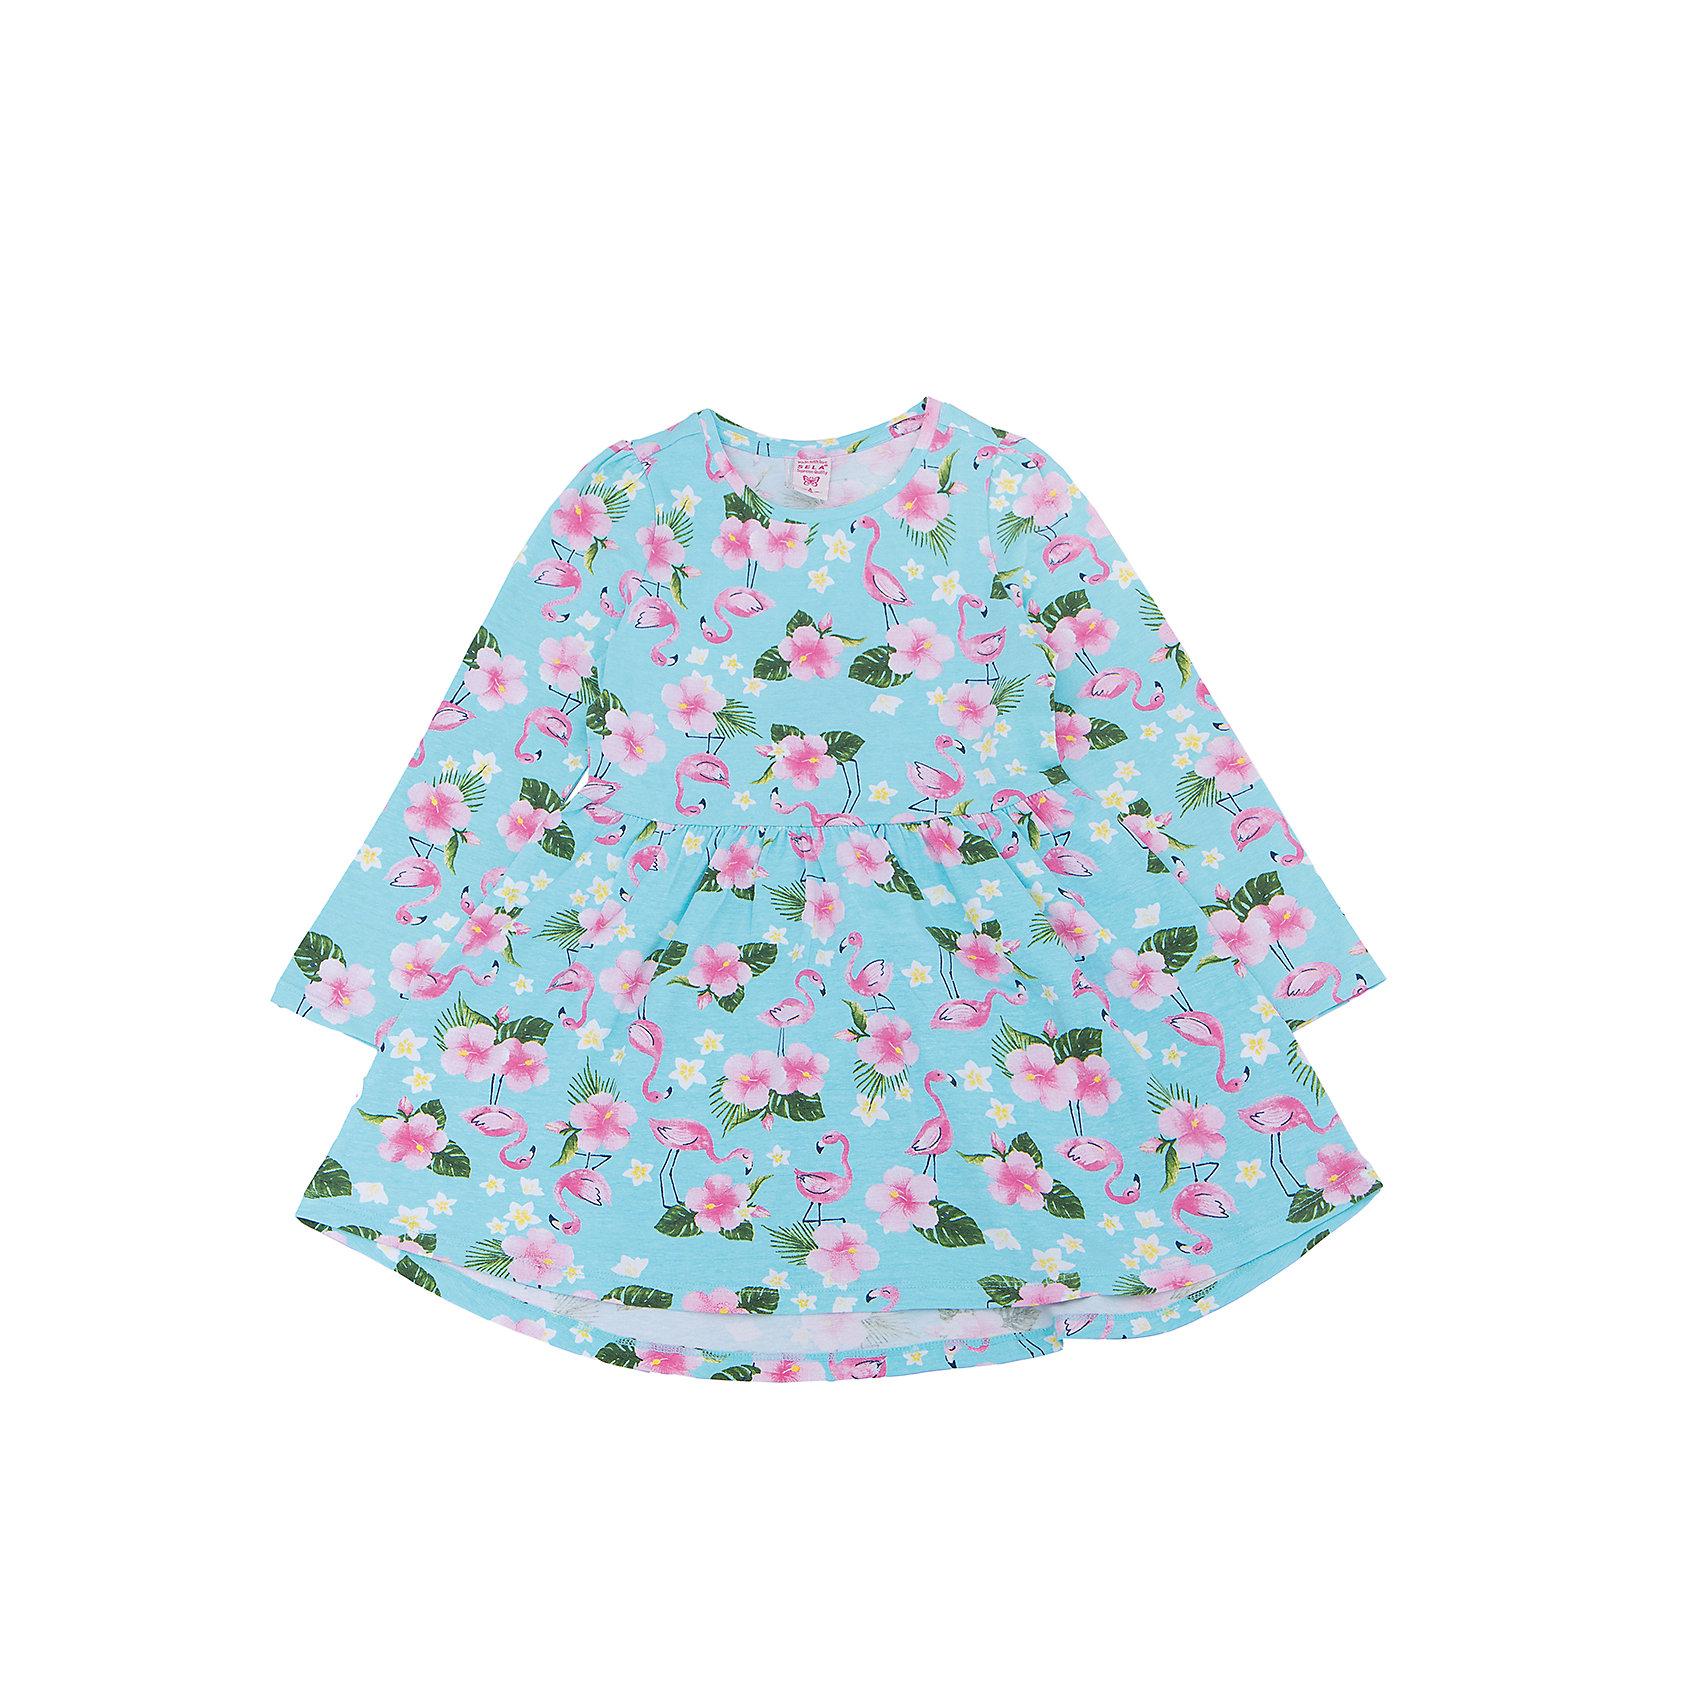 Платье для девочки SELAВесенняя капель<br>Характеристики товара:<br><br>• цвет: голубой<br>• состав: 95% хлопок, 5% эластан<br>• декорировано принтом<br>• приталенное<br>• длинные рукава<br>• длина выше колен<br>• силуэт расширенный к низу<br>• коллекция весна-лето 2017<br>• страна бренда: Российская Федерация<br>• страна изготовитель: Бангладеш<br><br>В новой коллекции SELA отличные модели одежды! Это платье для девочки поможет разнообразить гардероб ребенка и обеспечить комфорт. Оно отлично сочетается с различной обувью. Стильная и удобная вещь!<br><br>Одежда, обувь и аксессуары от российского бренда SELA не зря пользуются большой популярностью у детей и взрослых! Модели этой марки - стильные и удобные, цена при этом неизменно остается доступной. Для их производства используются только безопасные, качественные материалы и фурнитура. Новая коллекция поддерживает хорошие традиции бренда! <br><br>Платье для девочки от популярного бренда SELA (СЕЛА) можно купить в нашем интернет-магазине.<br><br>Ширина мм: 236<br>Глубина мм: 16<br>Высота мм: 184<br>Вес г: 177<br>Цвет: голубой<br>Возраст от месяцев: 60<br>Возраст до месяцев: 72<br>Пол: Женский<br>Возраст: Детский<br>Размер: 116,92,98,104,110<br>SKU: 5305292